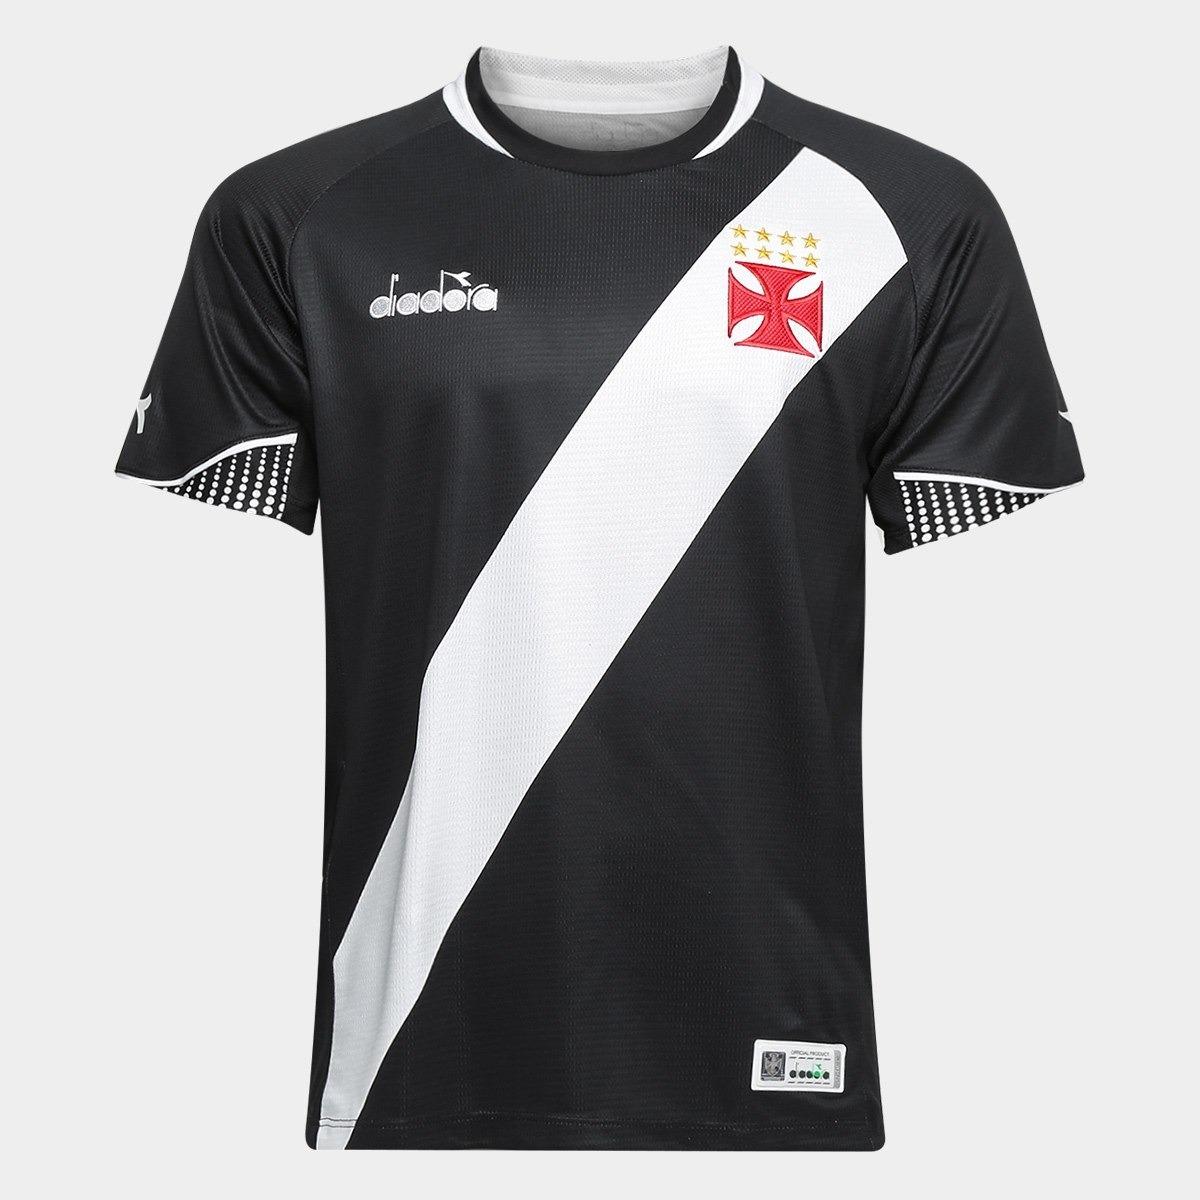 539809910c Nova Camisa Vasco Oficial Torcedor 18\19 - Frete Grátis! - R$ 149,90 ...